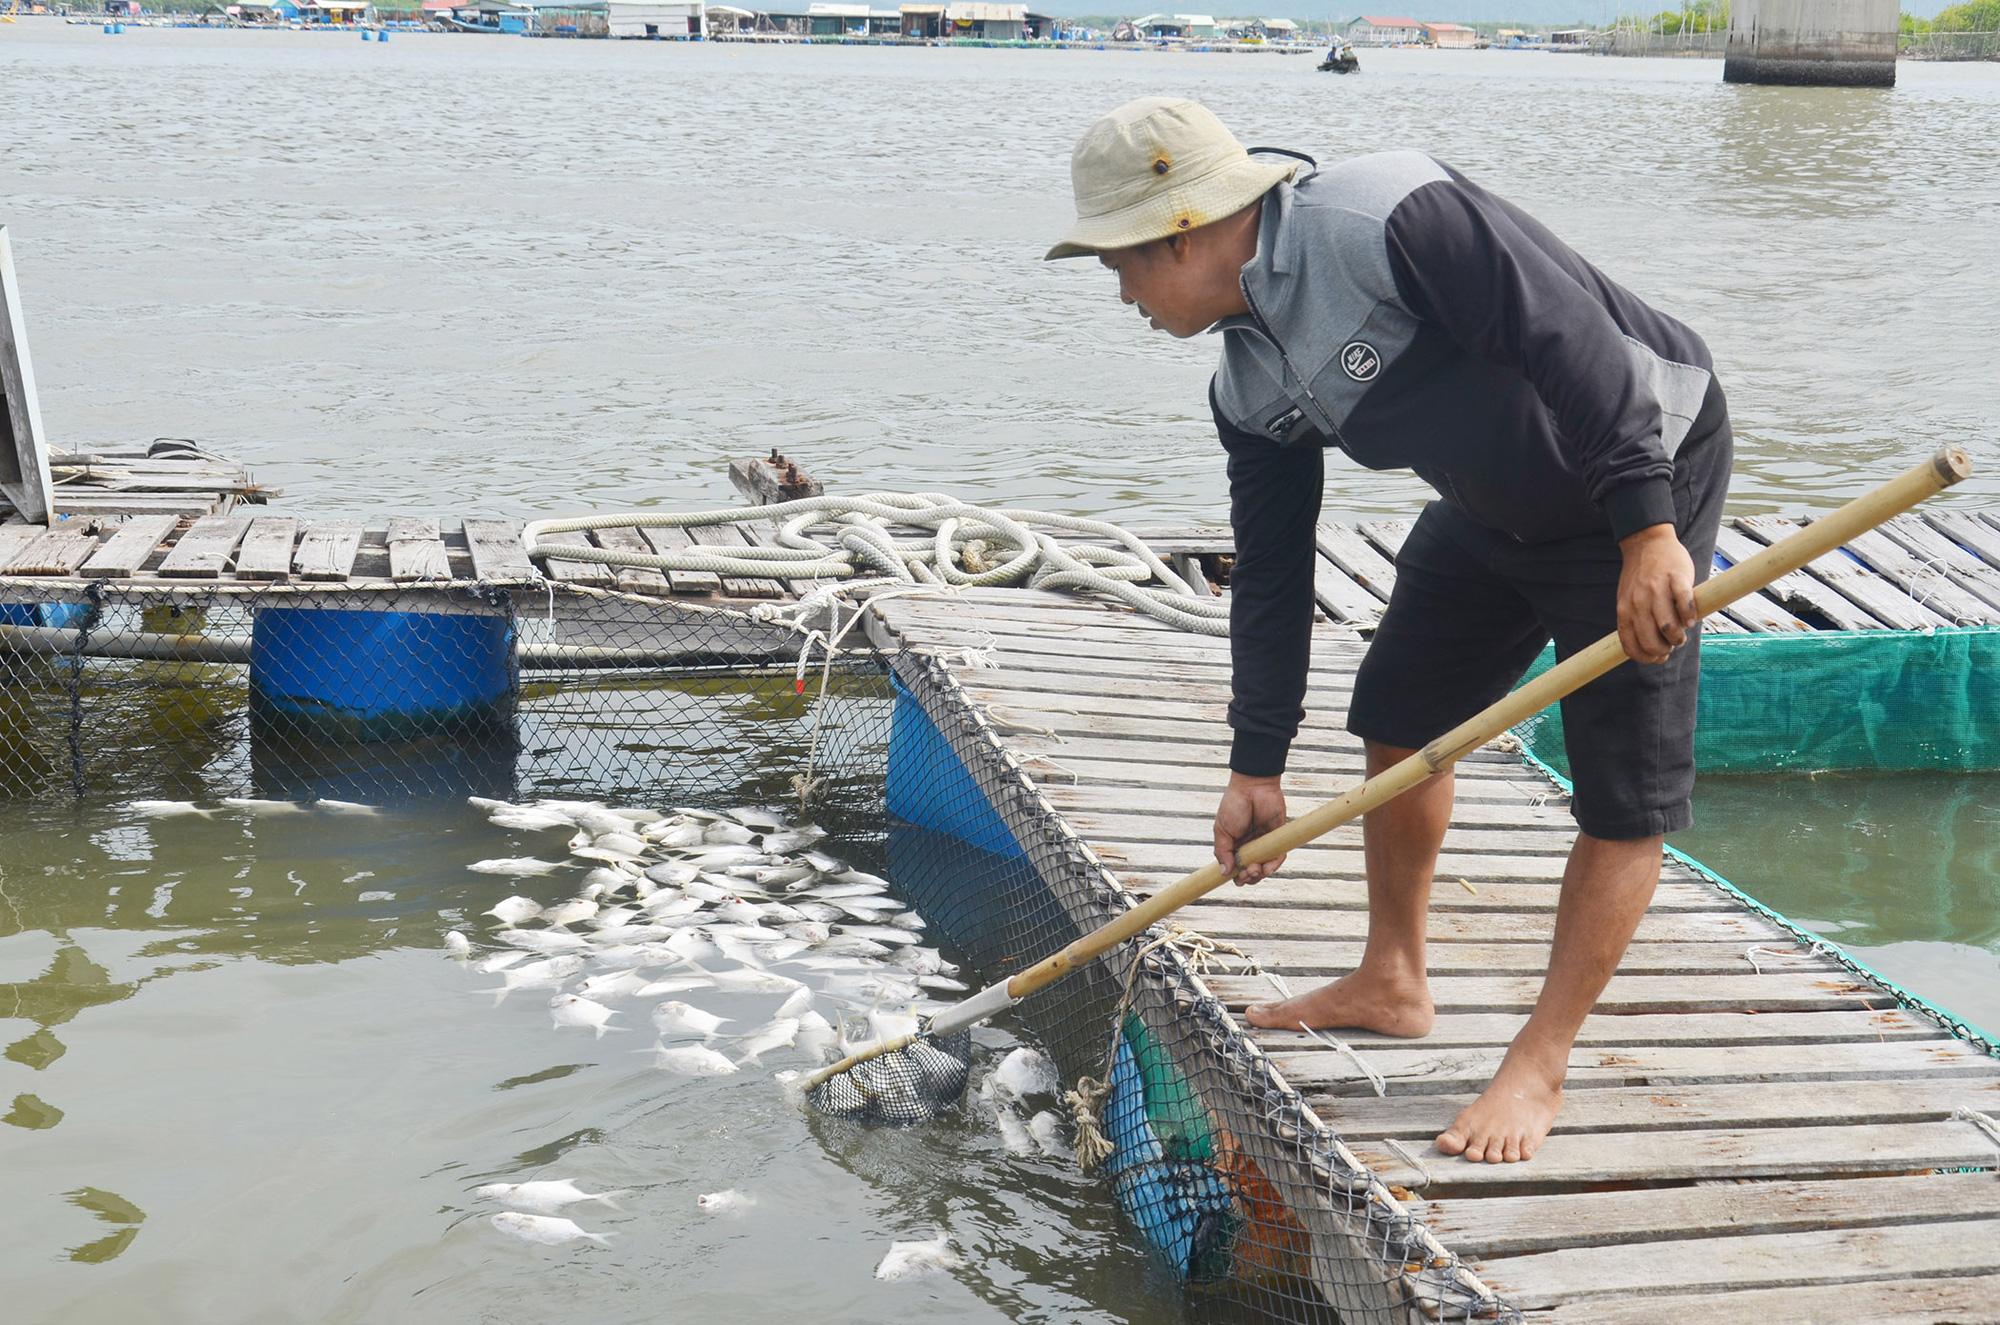 Xót xa, cuộc giải cứu bất thành hàng trăm ngàn con cá đặc sản trên sông Chà Và - Ảnh 1.